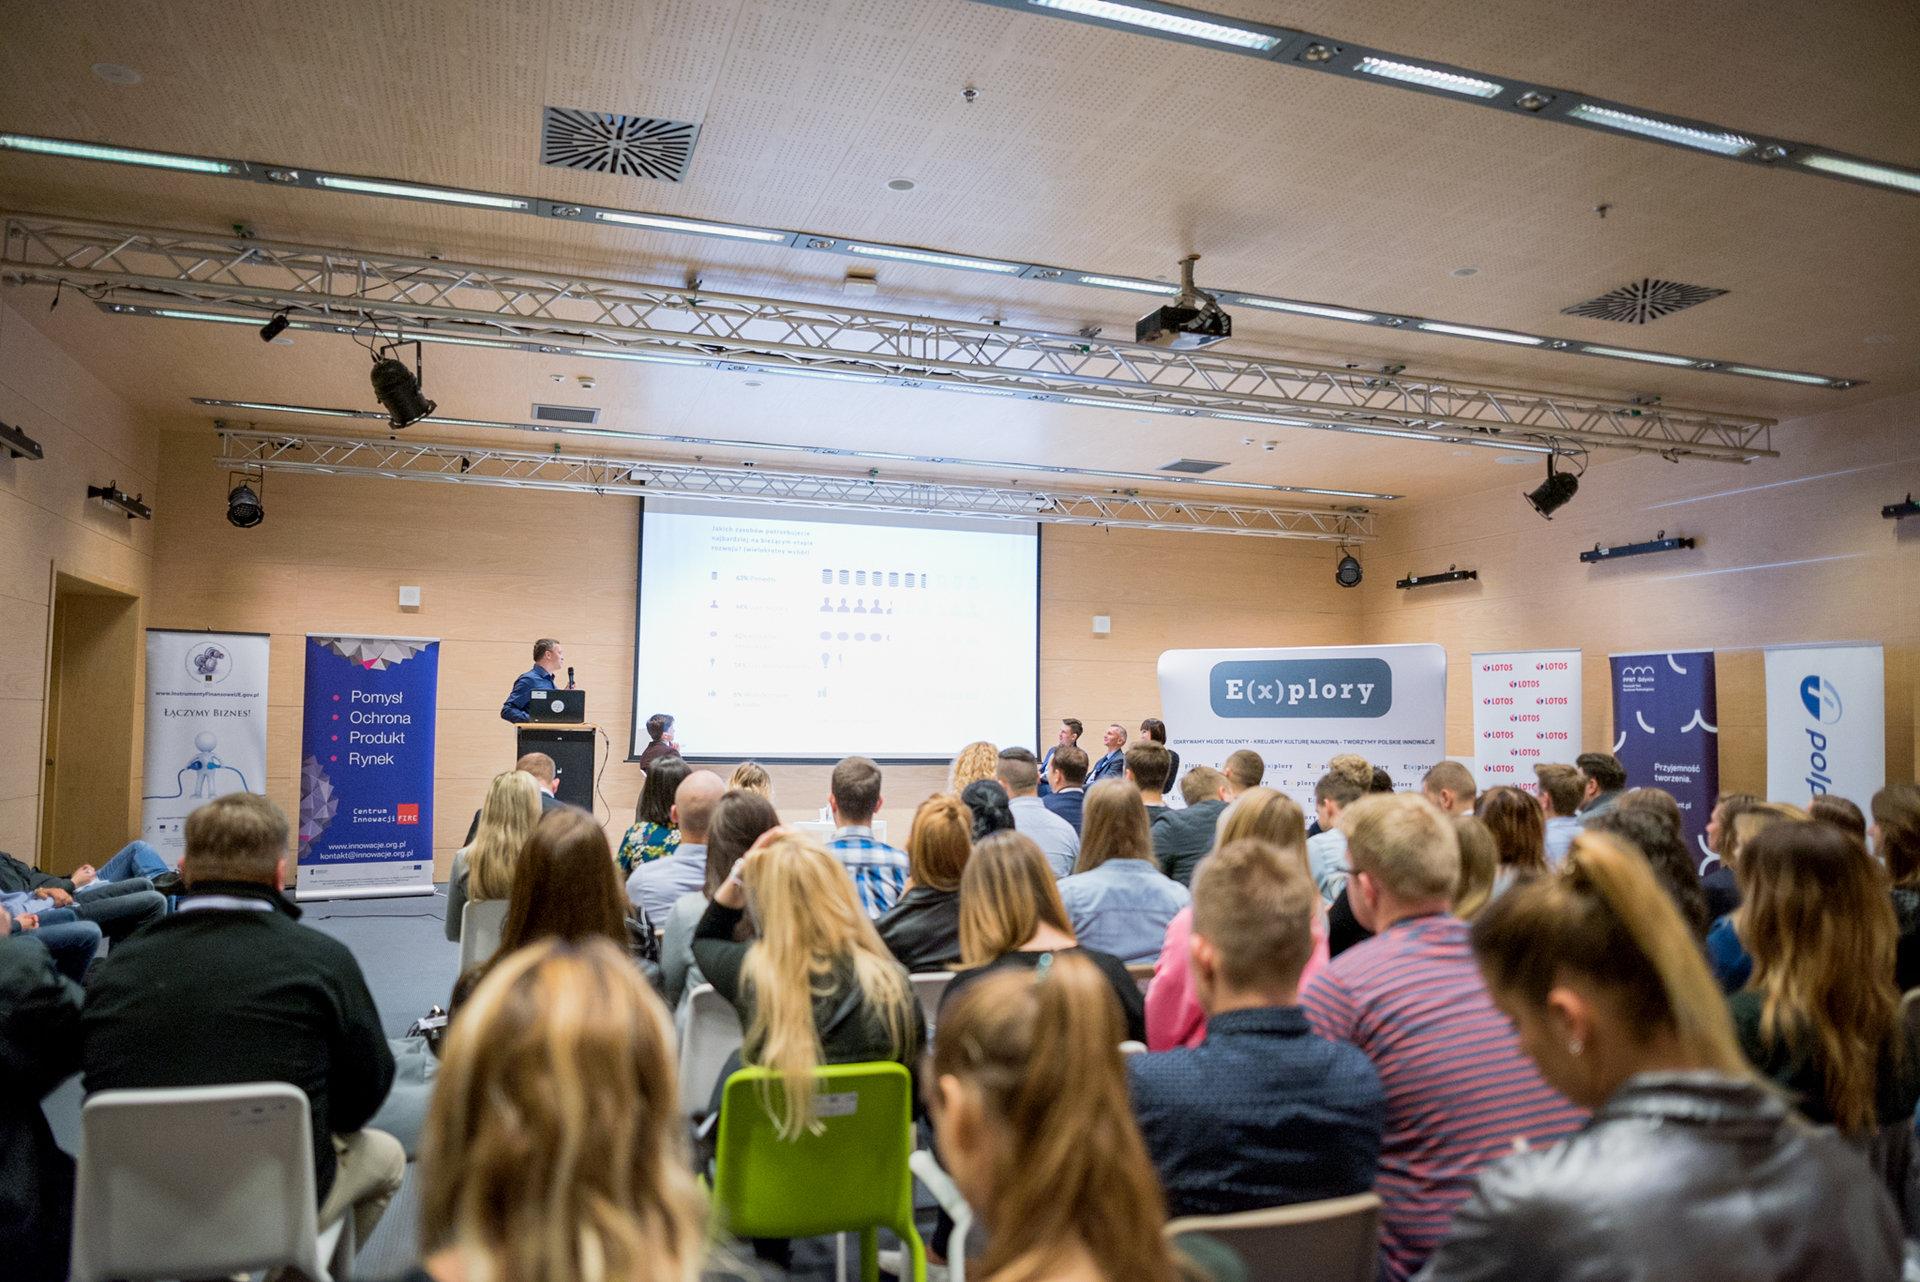 Czy każdy uczeń potrzebuje mistrza? VII Kongres E(x)plory już 24 października w Gdyni